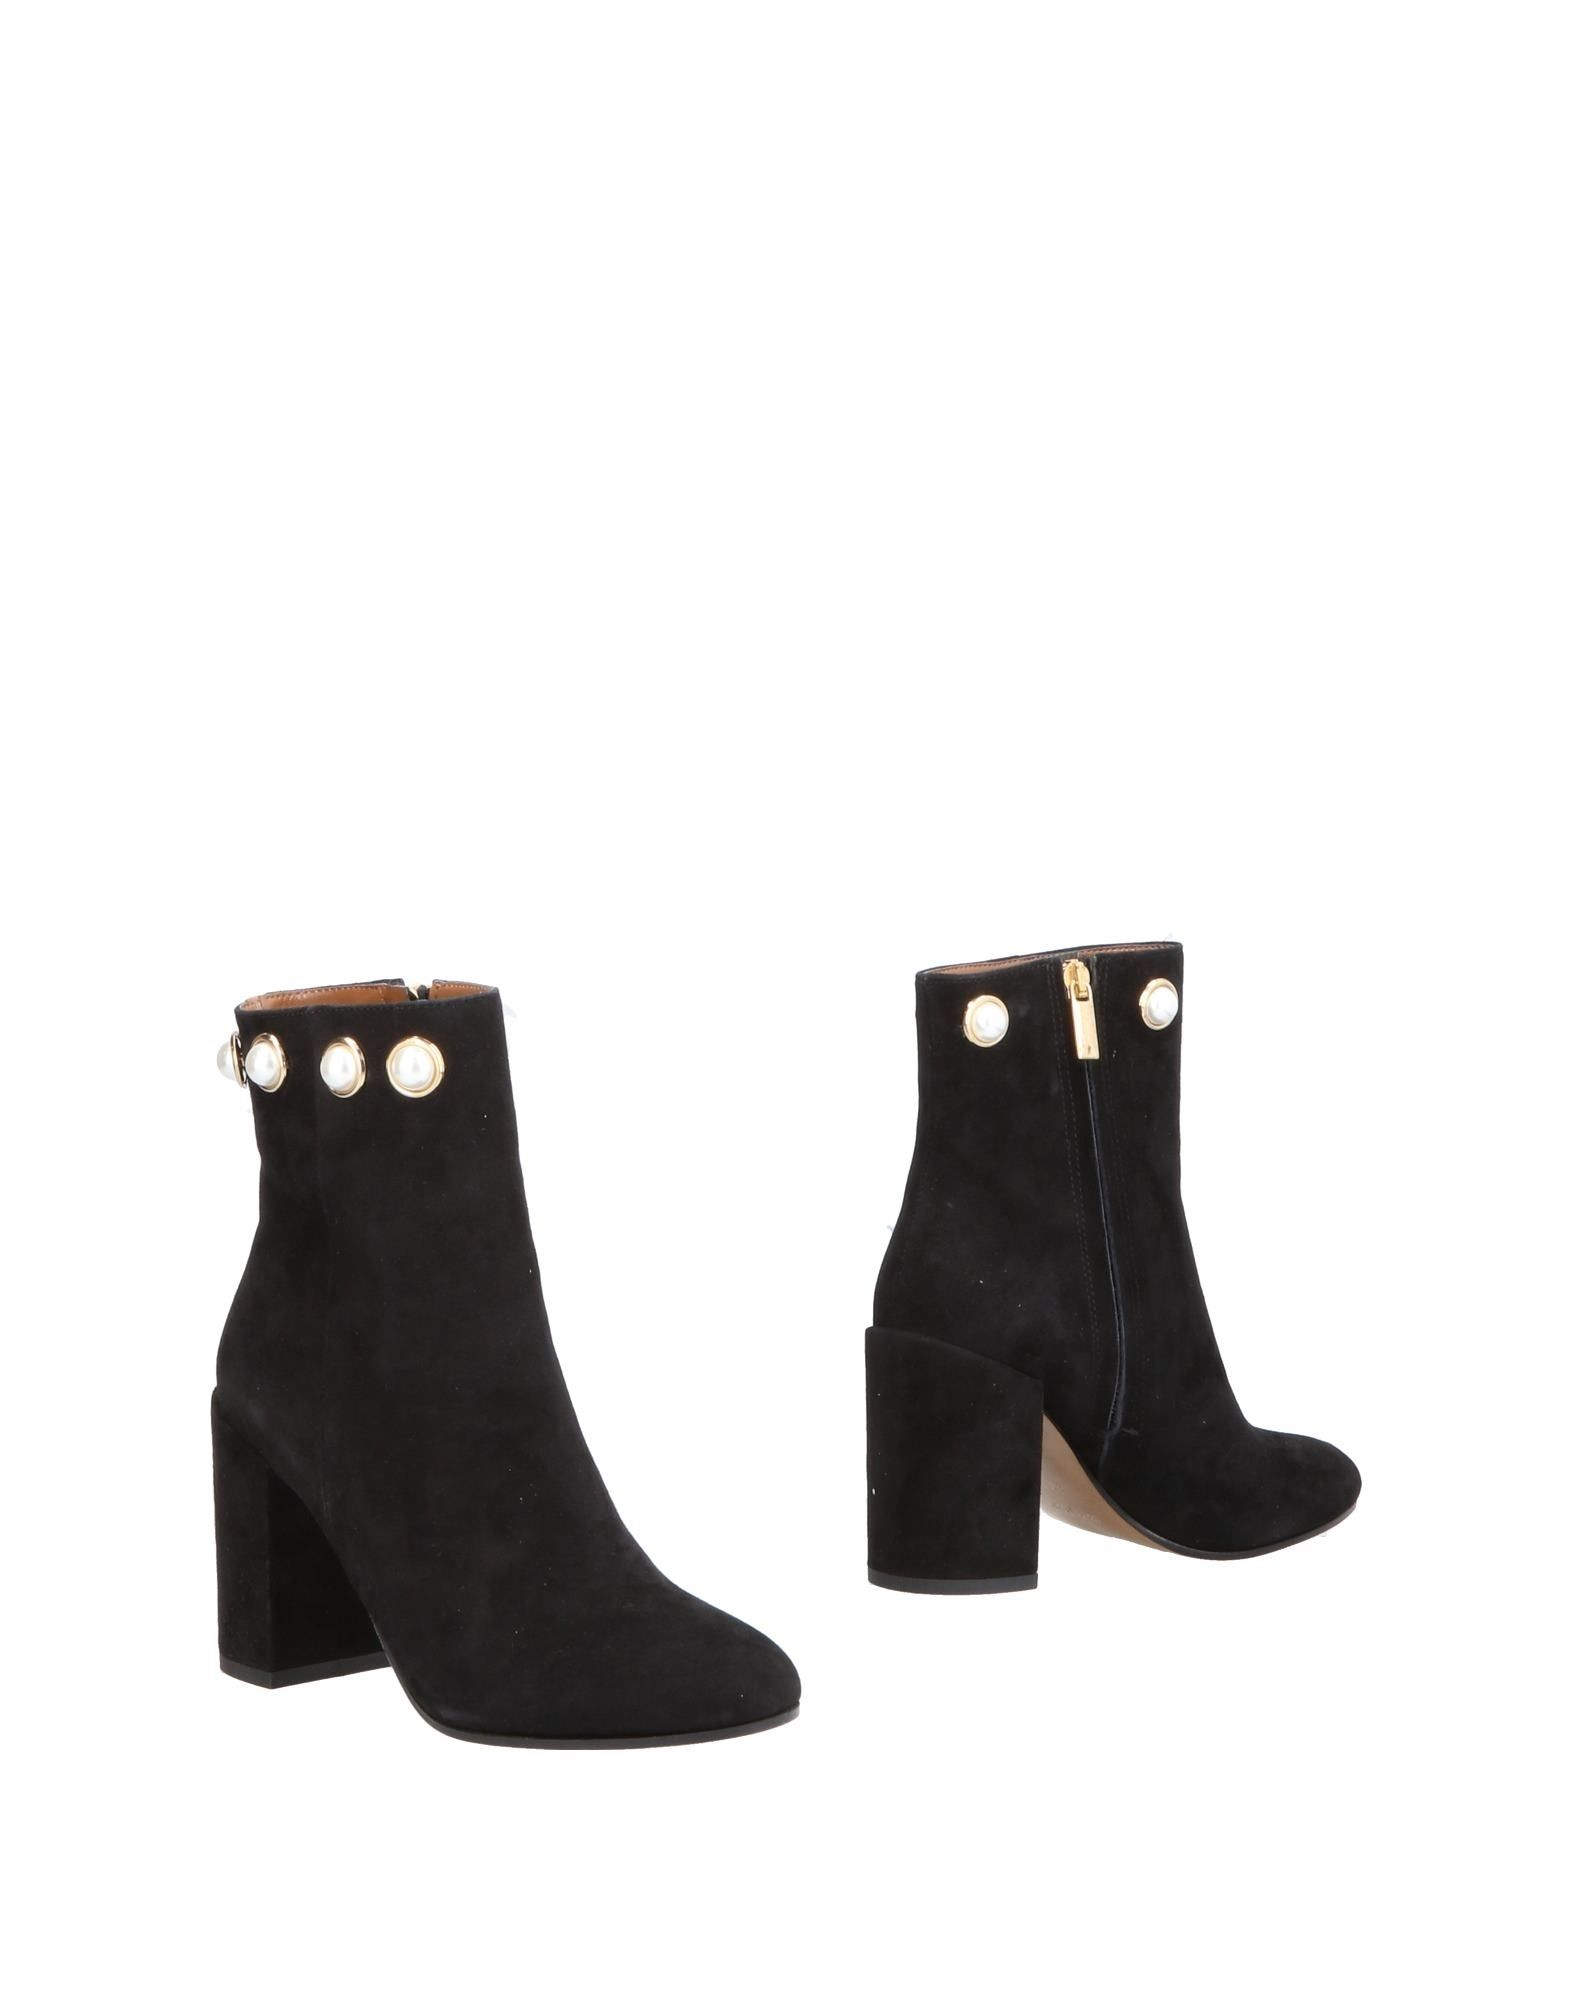 Osvaldo Rossi Stiefelette Damen  11502089DL Gute Qualität beliebte Schuhe